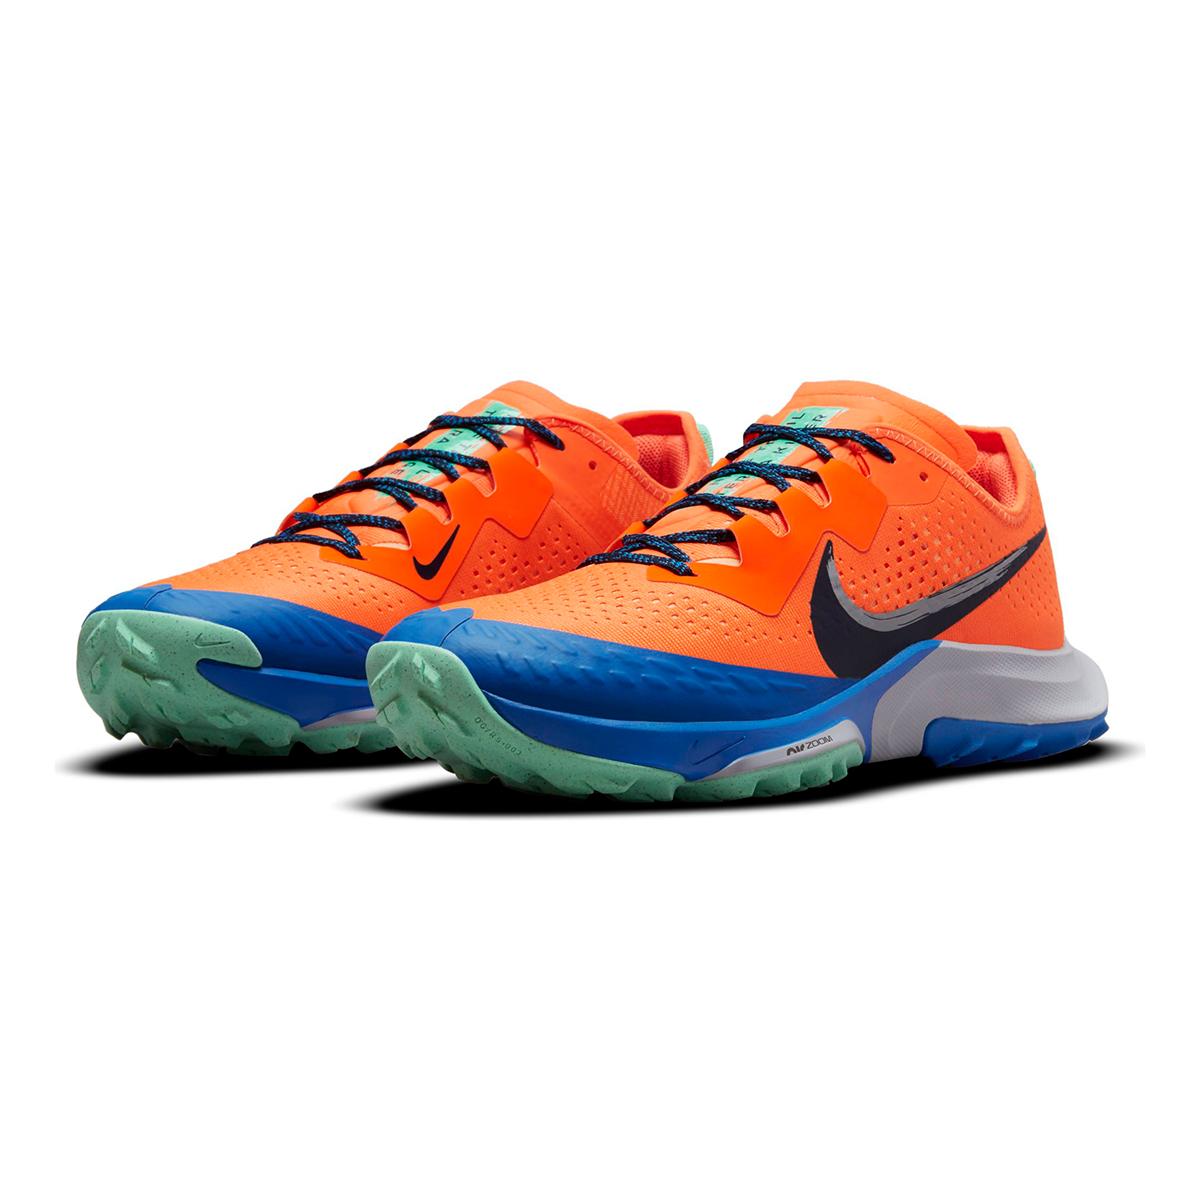 Men's Nike Air Zoom Terra Kiger 7 Trail Running Shoe - Color: Total Orange/Obsidian/Signal Blue - Size: 6 - Width: Regular, Total Orange/Obsidian/Signal Blue, large, image 3